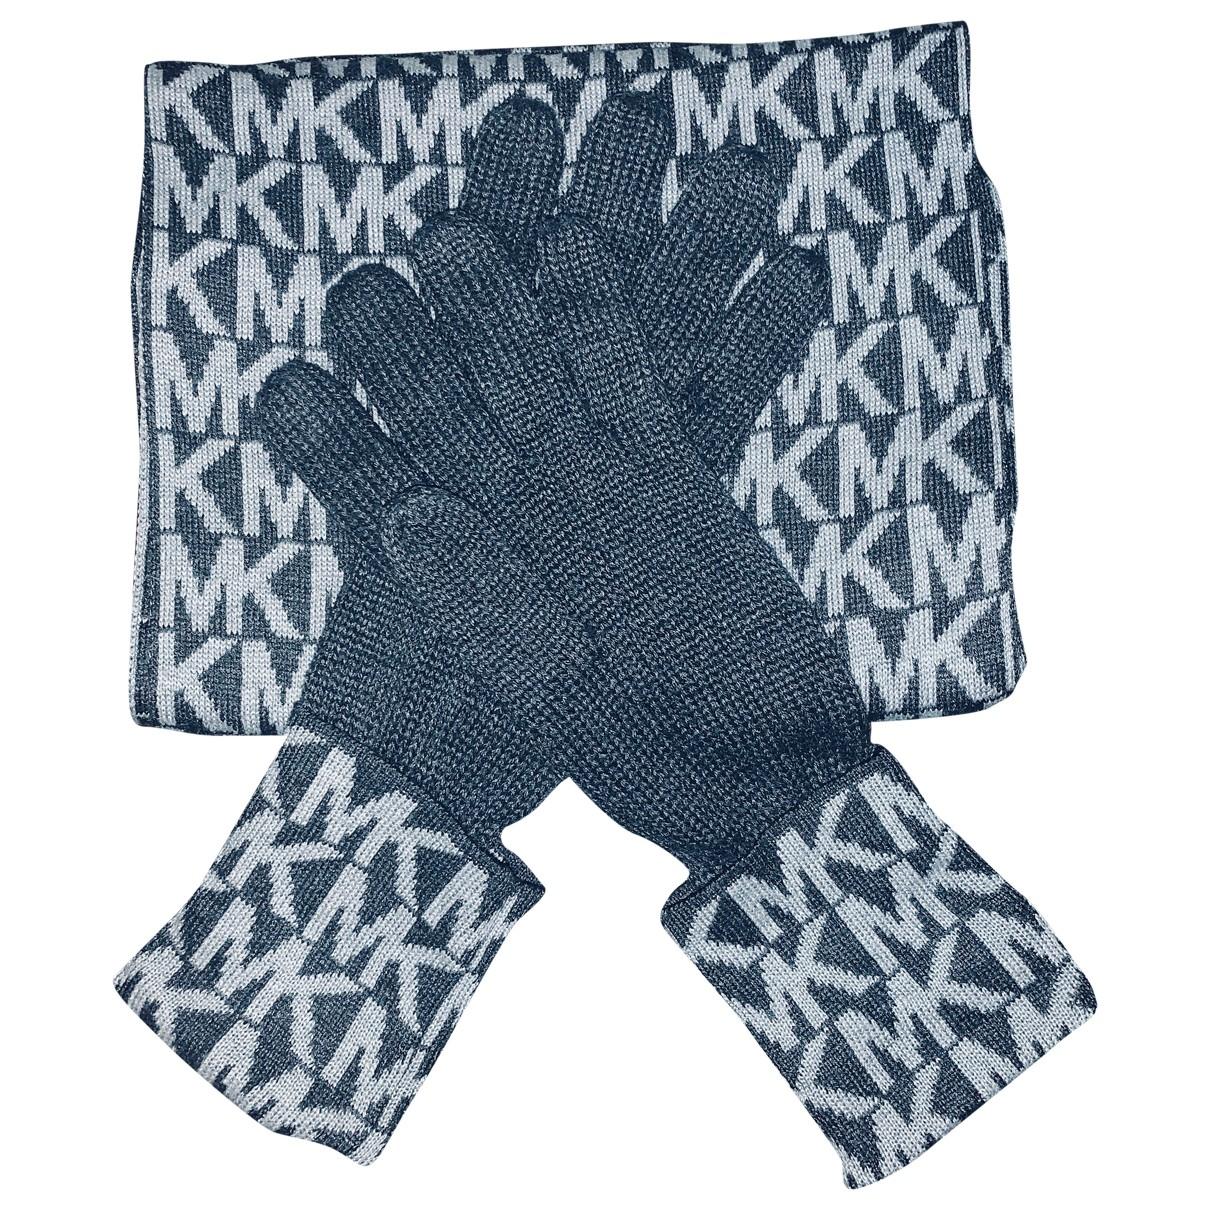 Michael Kors \N Grey scarf for Women \N